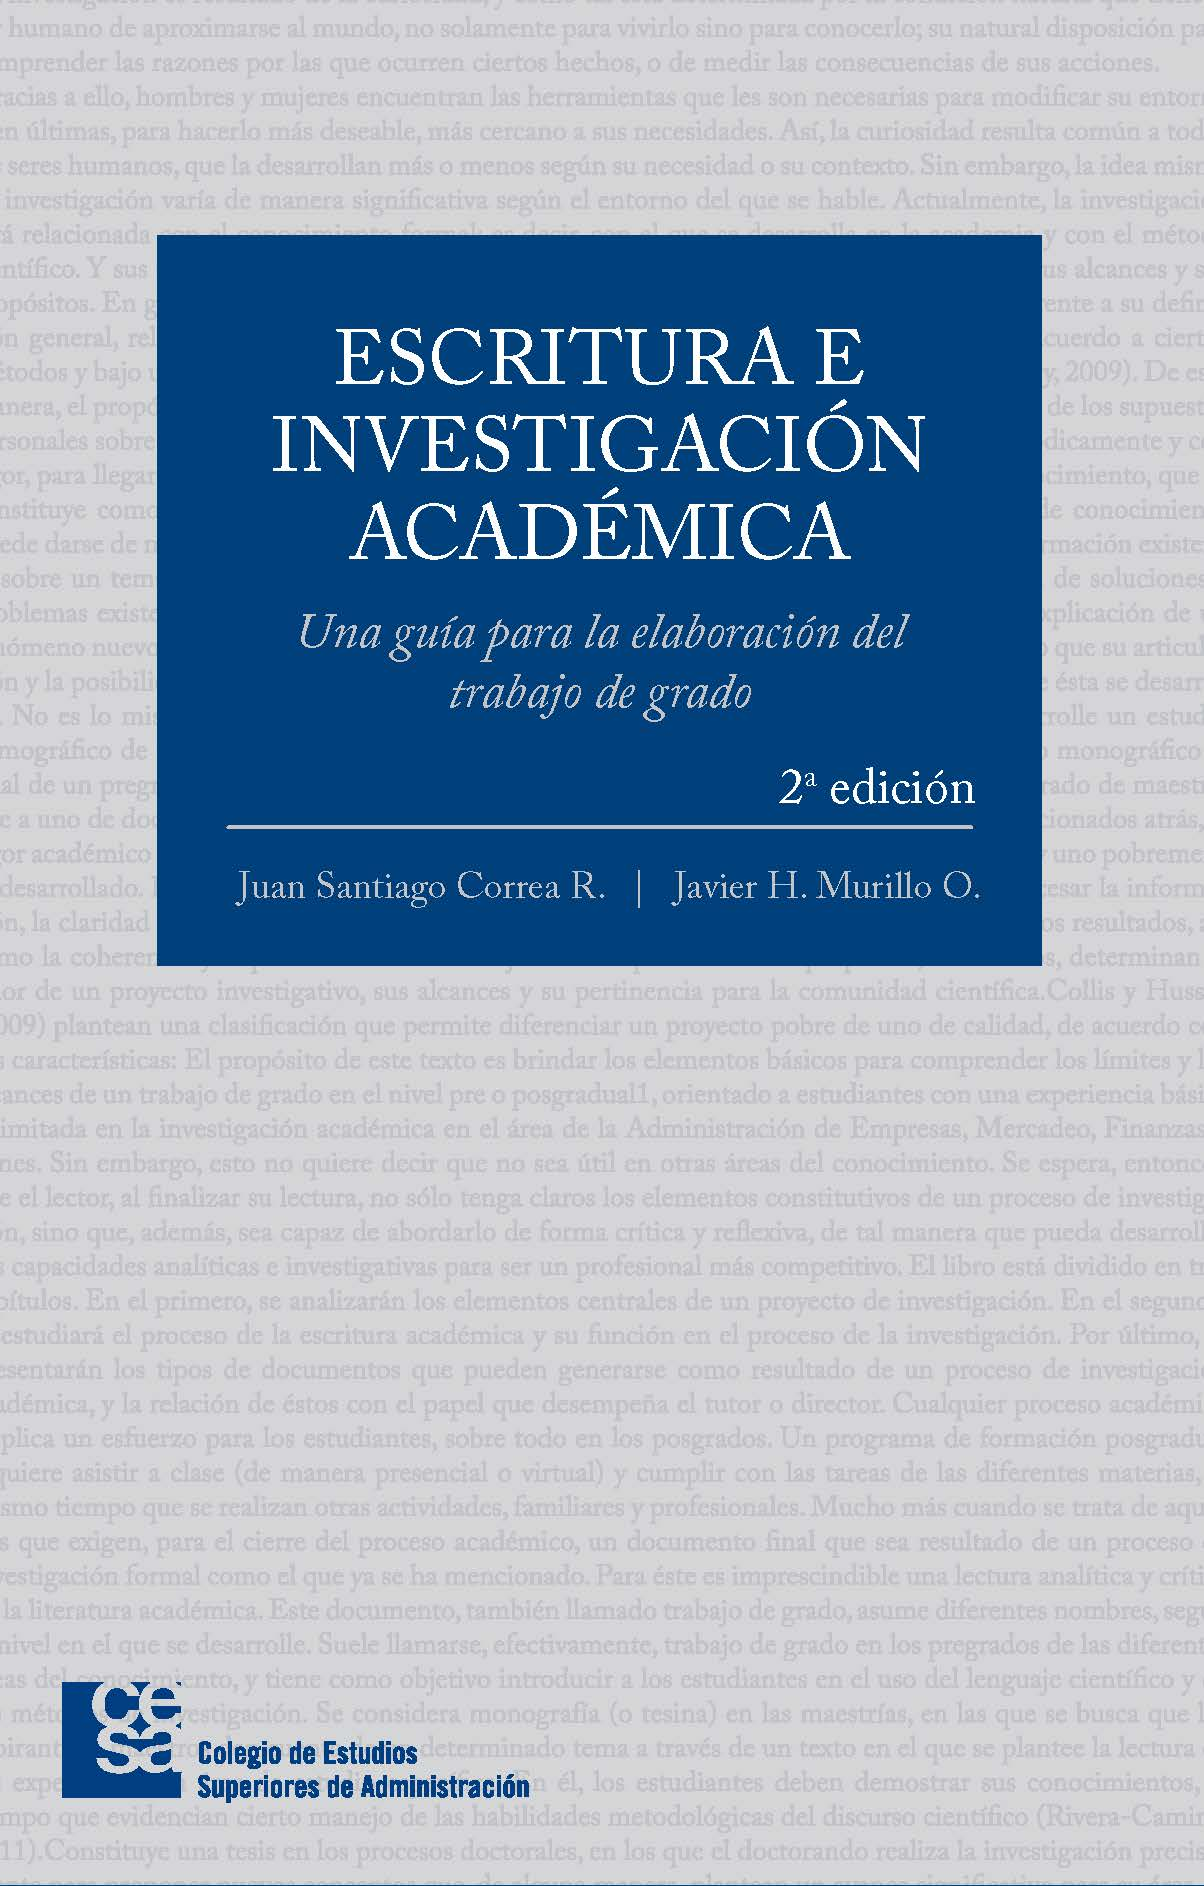 Escritura e investigación académica. Una guía para la elaboración del trabajo de grado. Segunda Edición